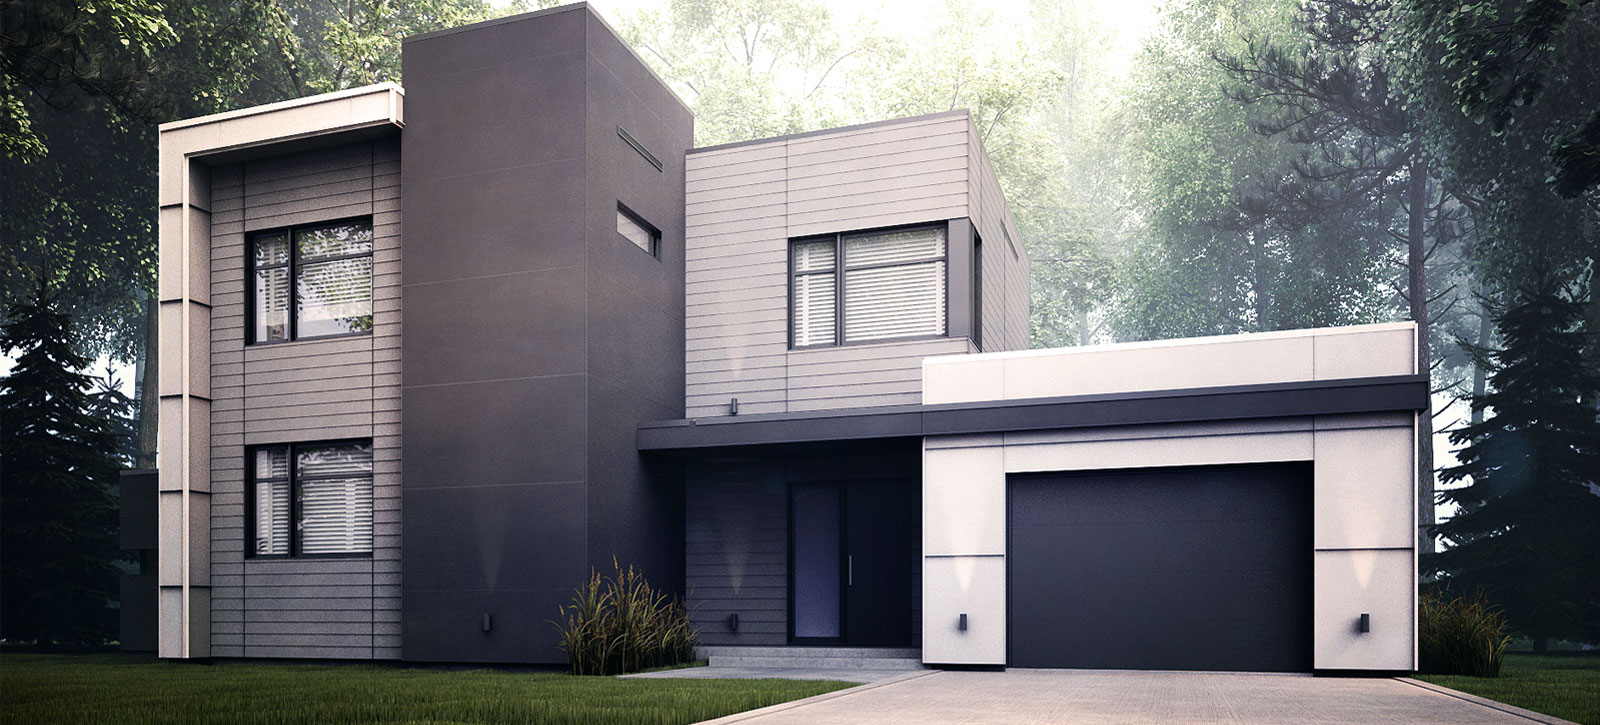 Projet maison service aux projet albatros homes zone c for Projet maison moderne